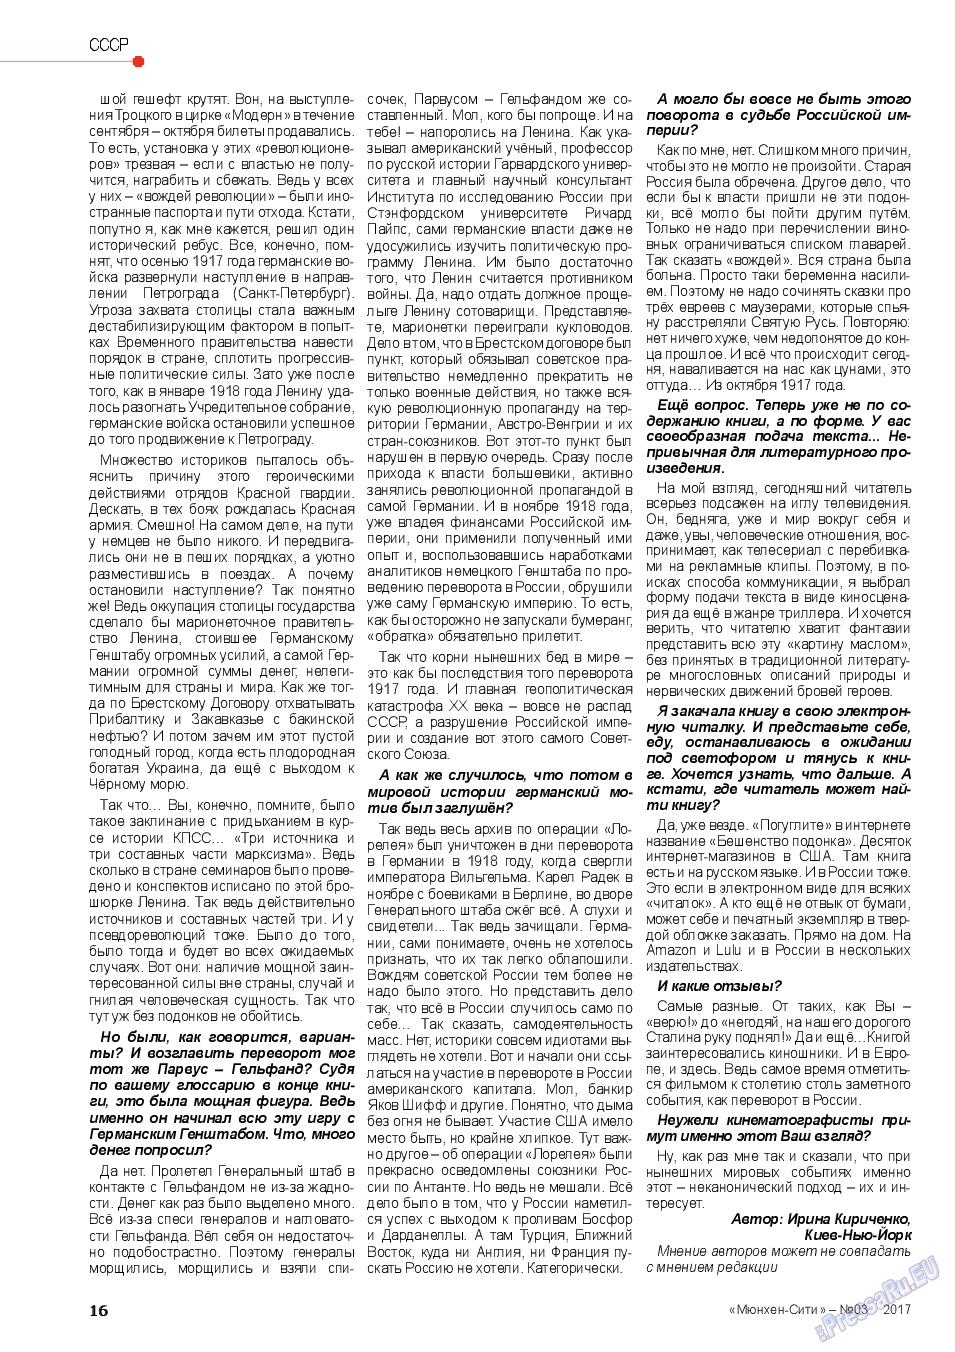 Мюнхен-сити (журнал). 2017 год, номер 3, стр. 16